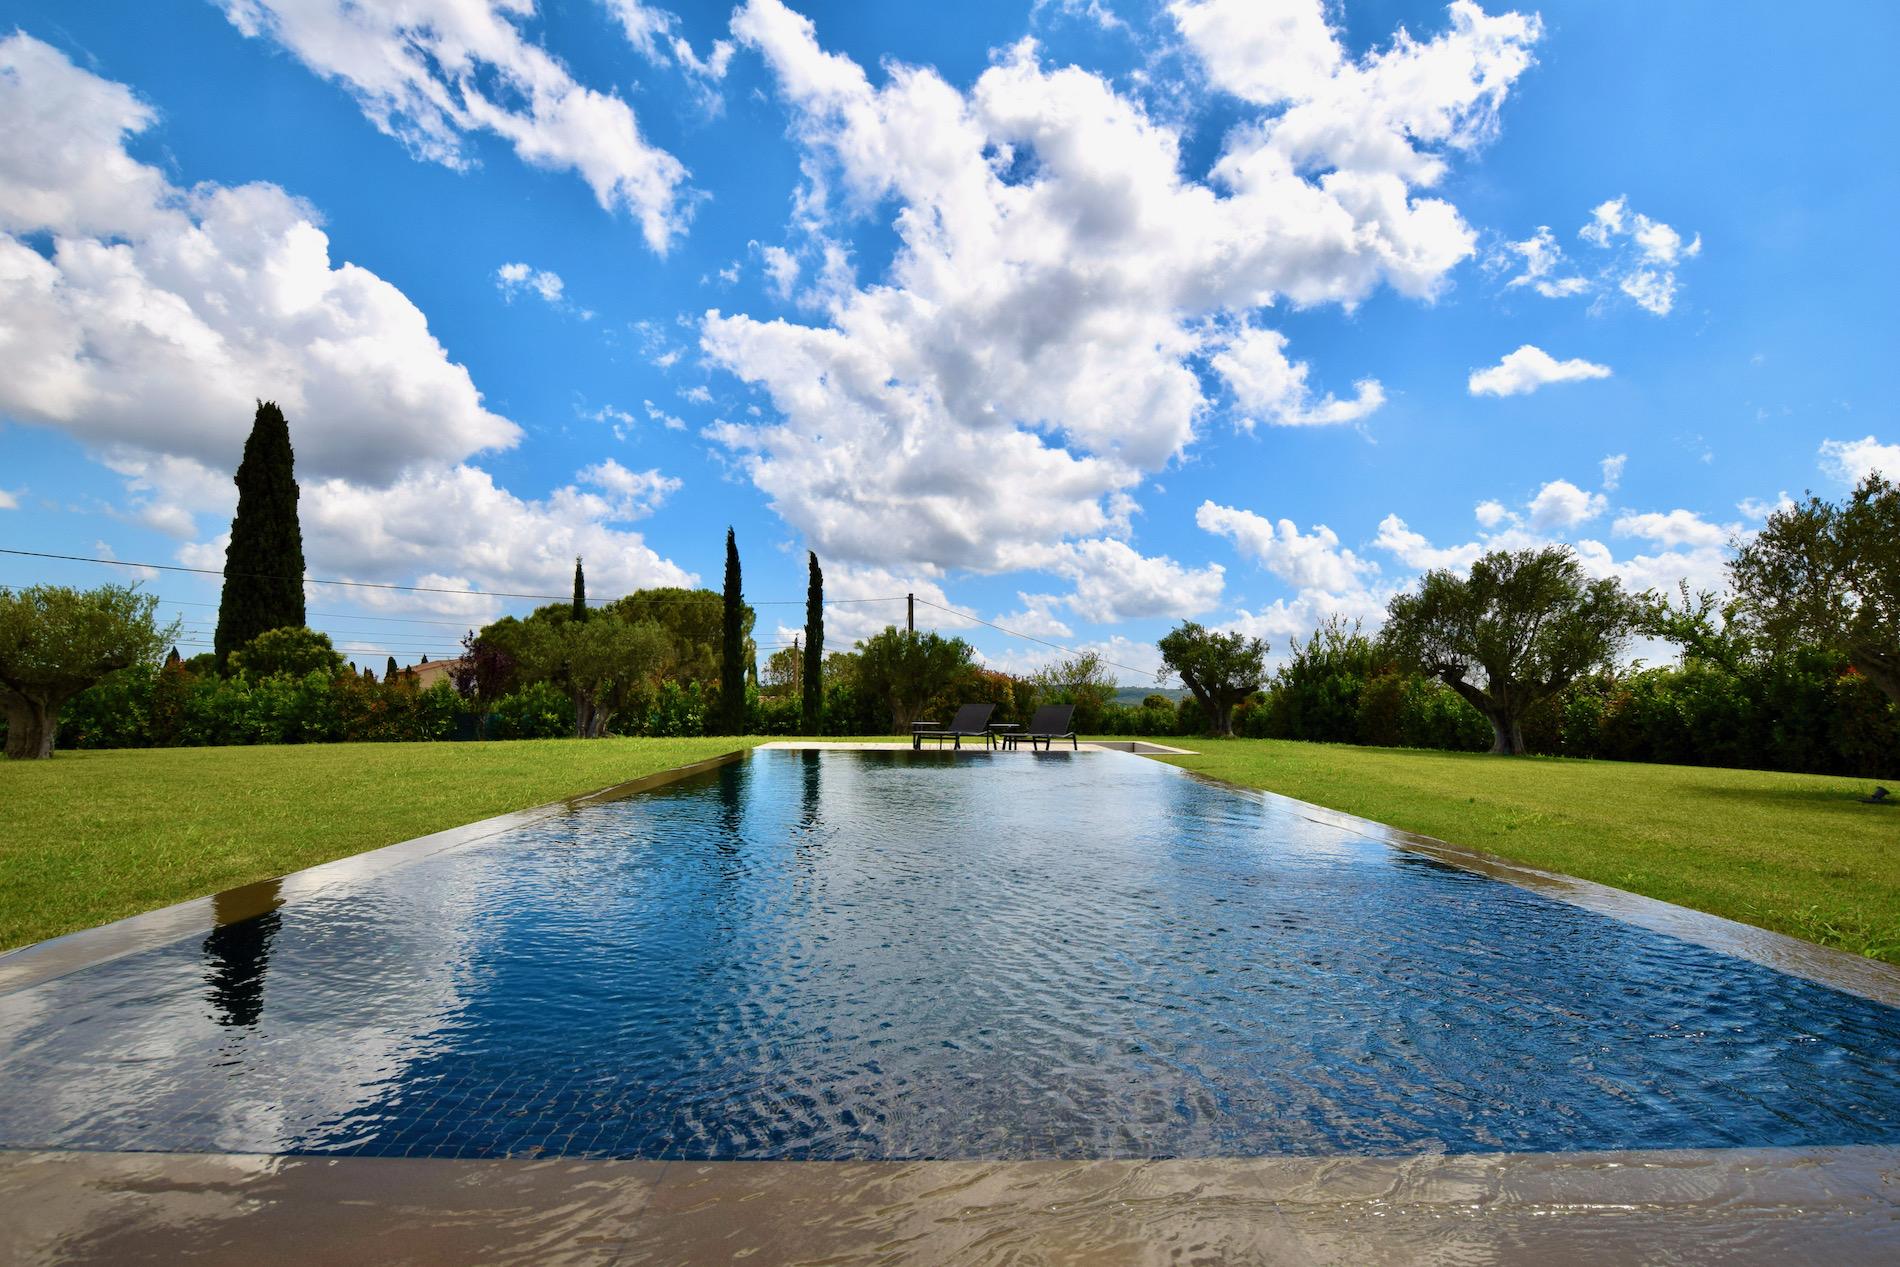 78435:  Uzès, fabuleuse propriété contemporaine, 400 m² habitables sur 3000 m² parc clos avec piscine miroir, vue dégagé